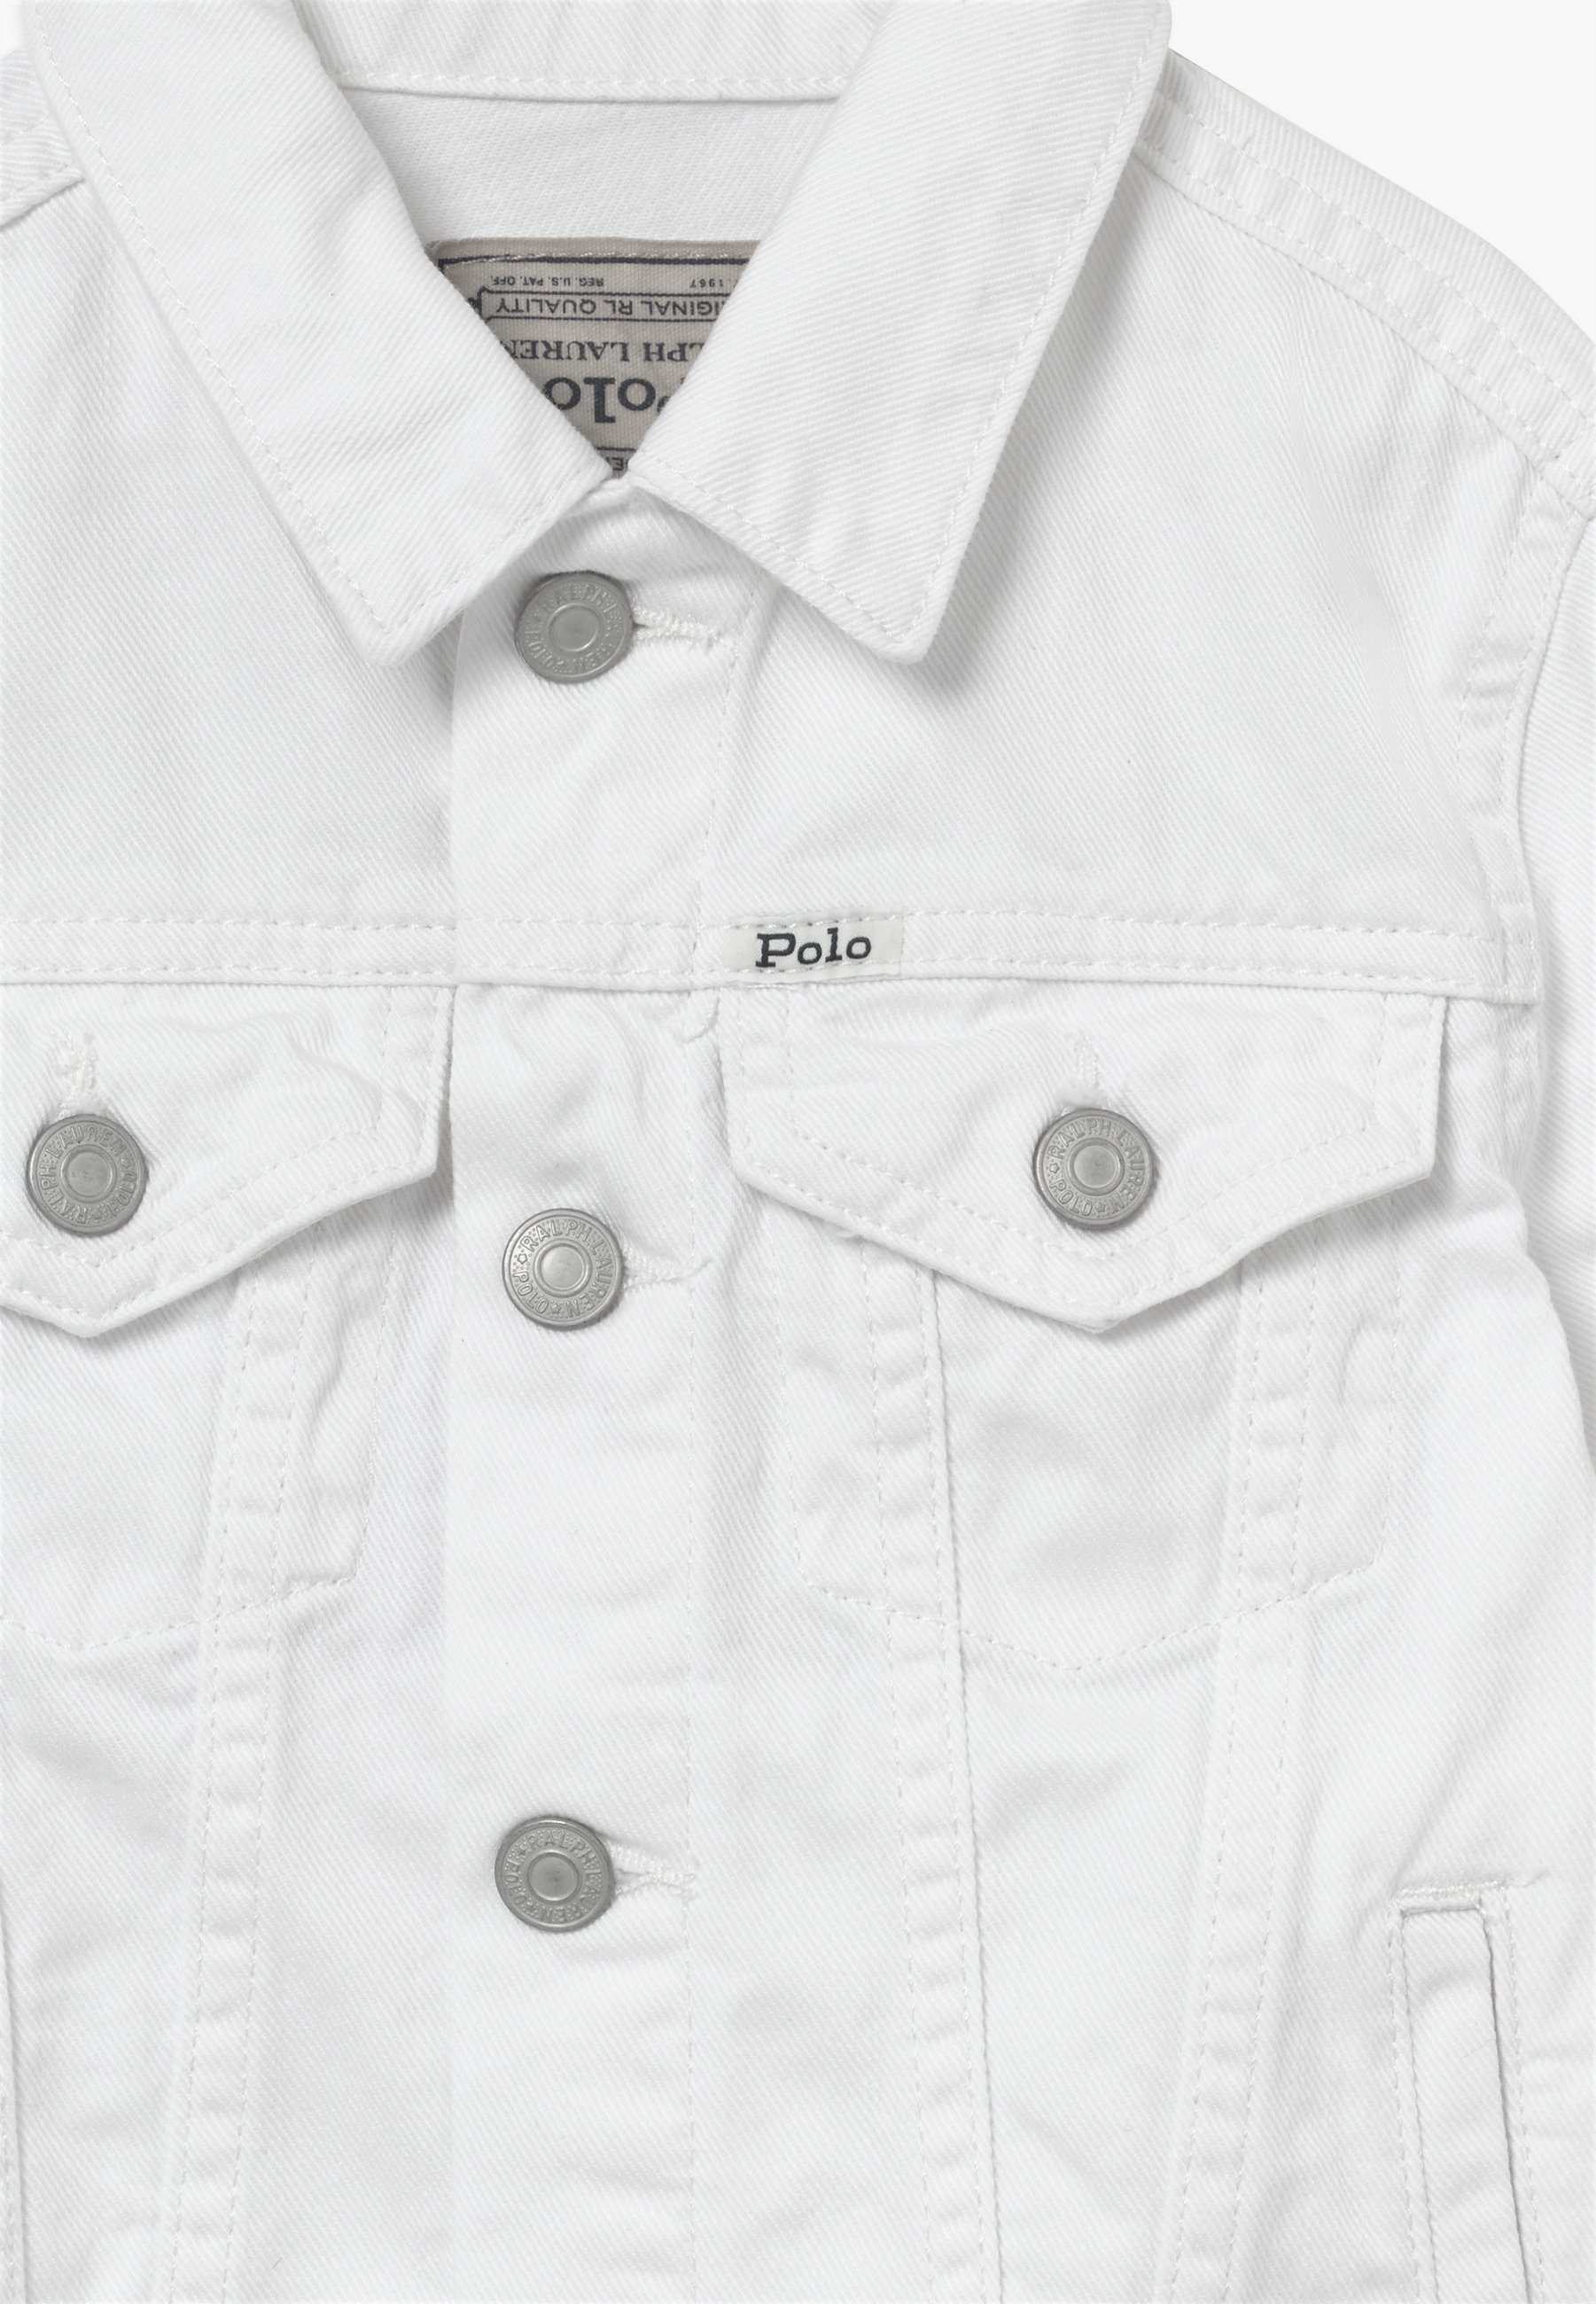 Polo Ralph Lauren Trucker Outerwear - Denim Jacket White